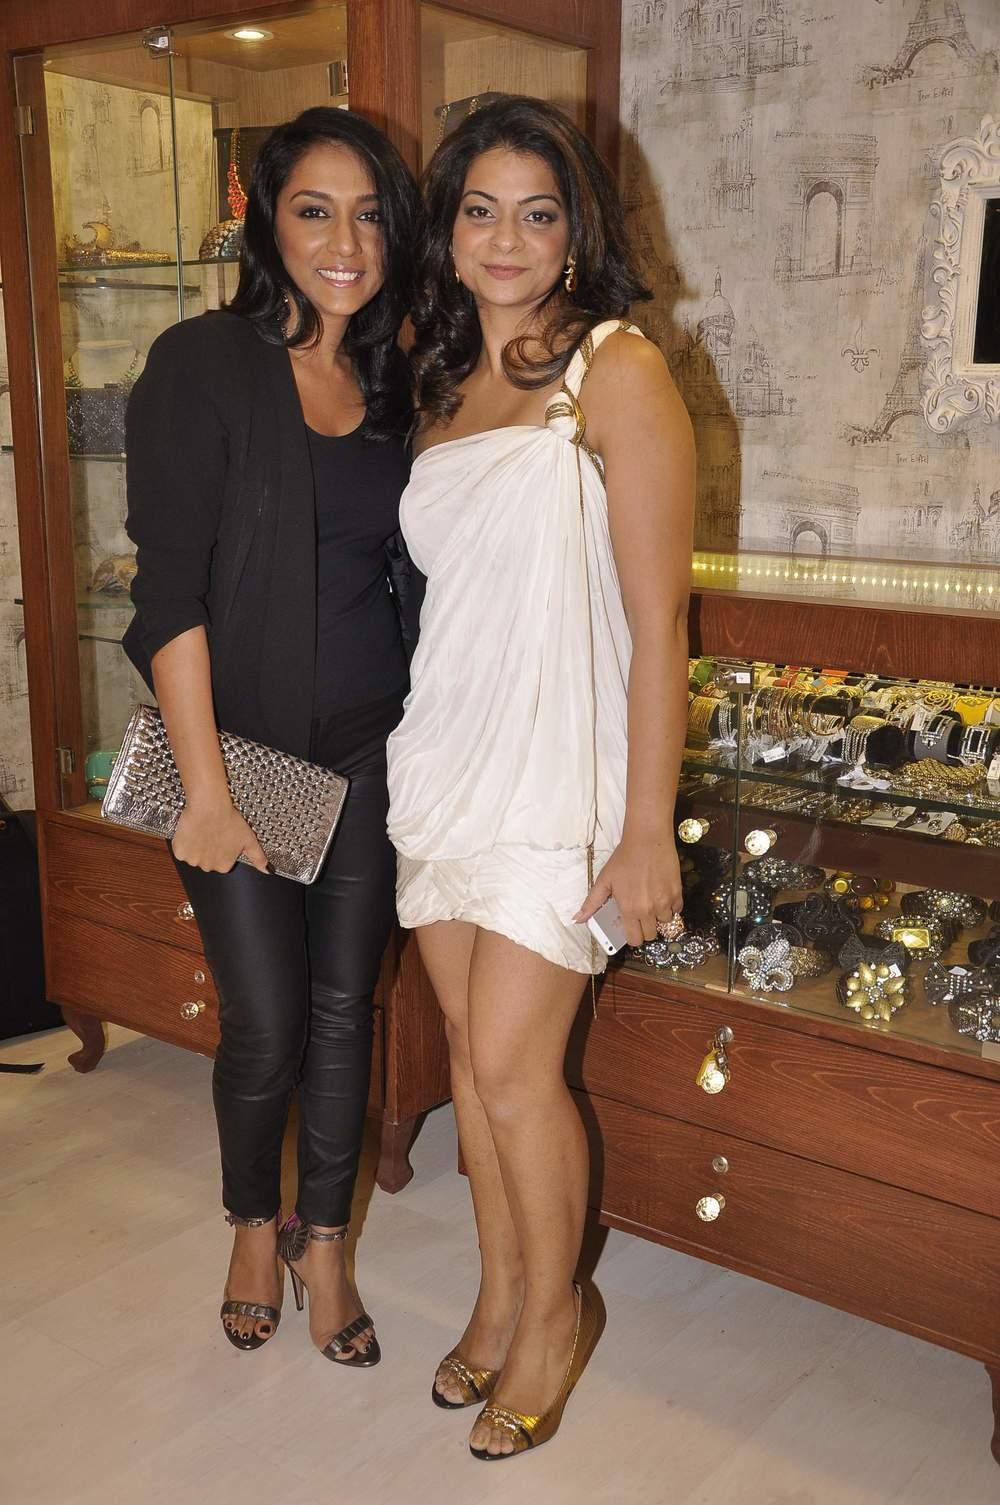 Shweta Salve and Bansri Mehta